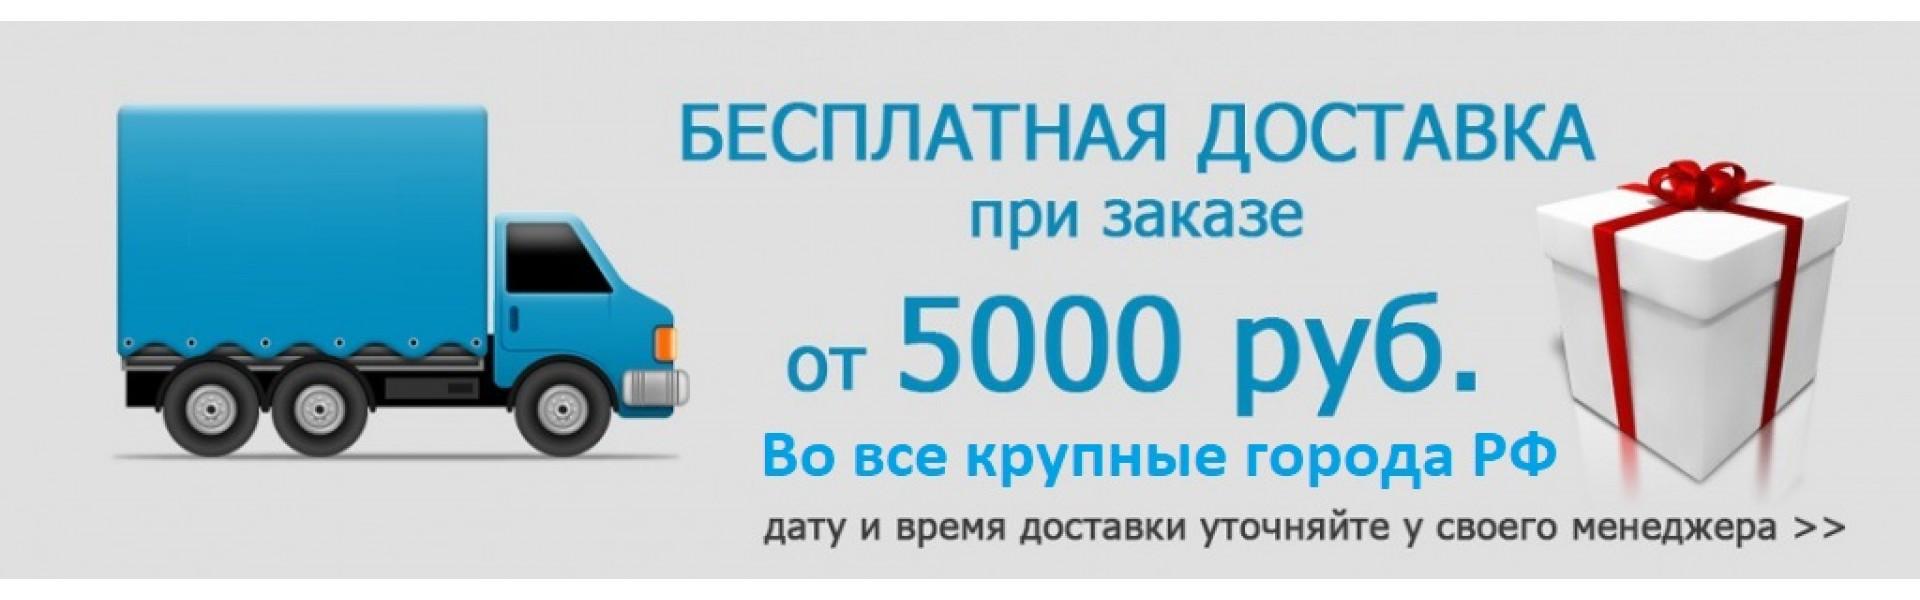 Бесплатная доставка от 5000р.